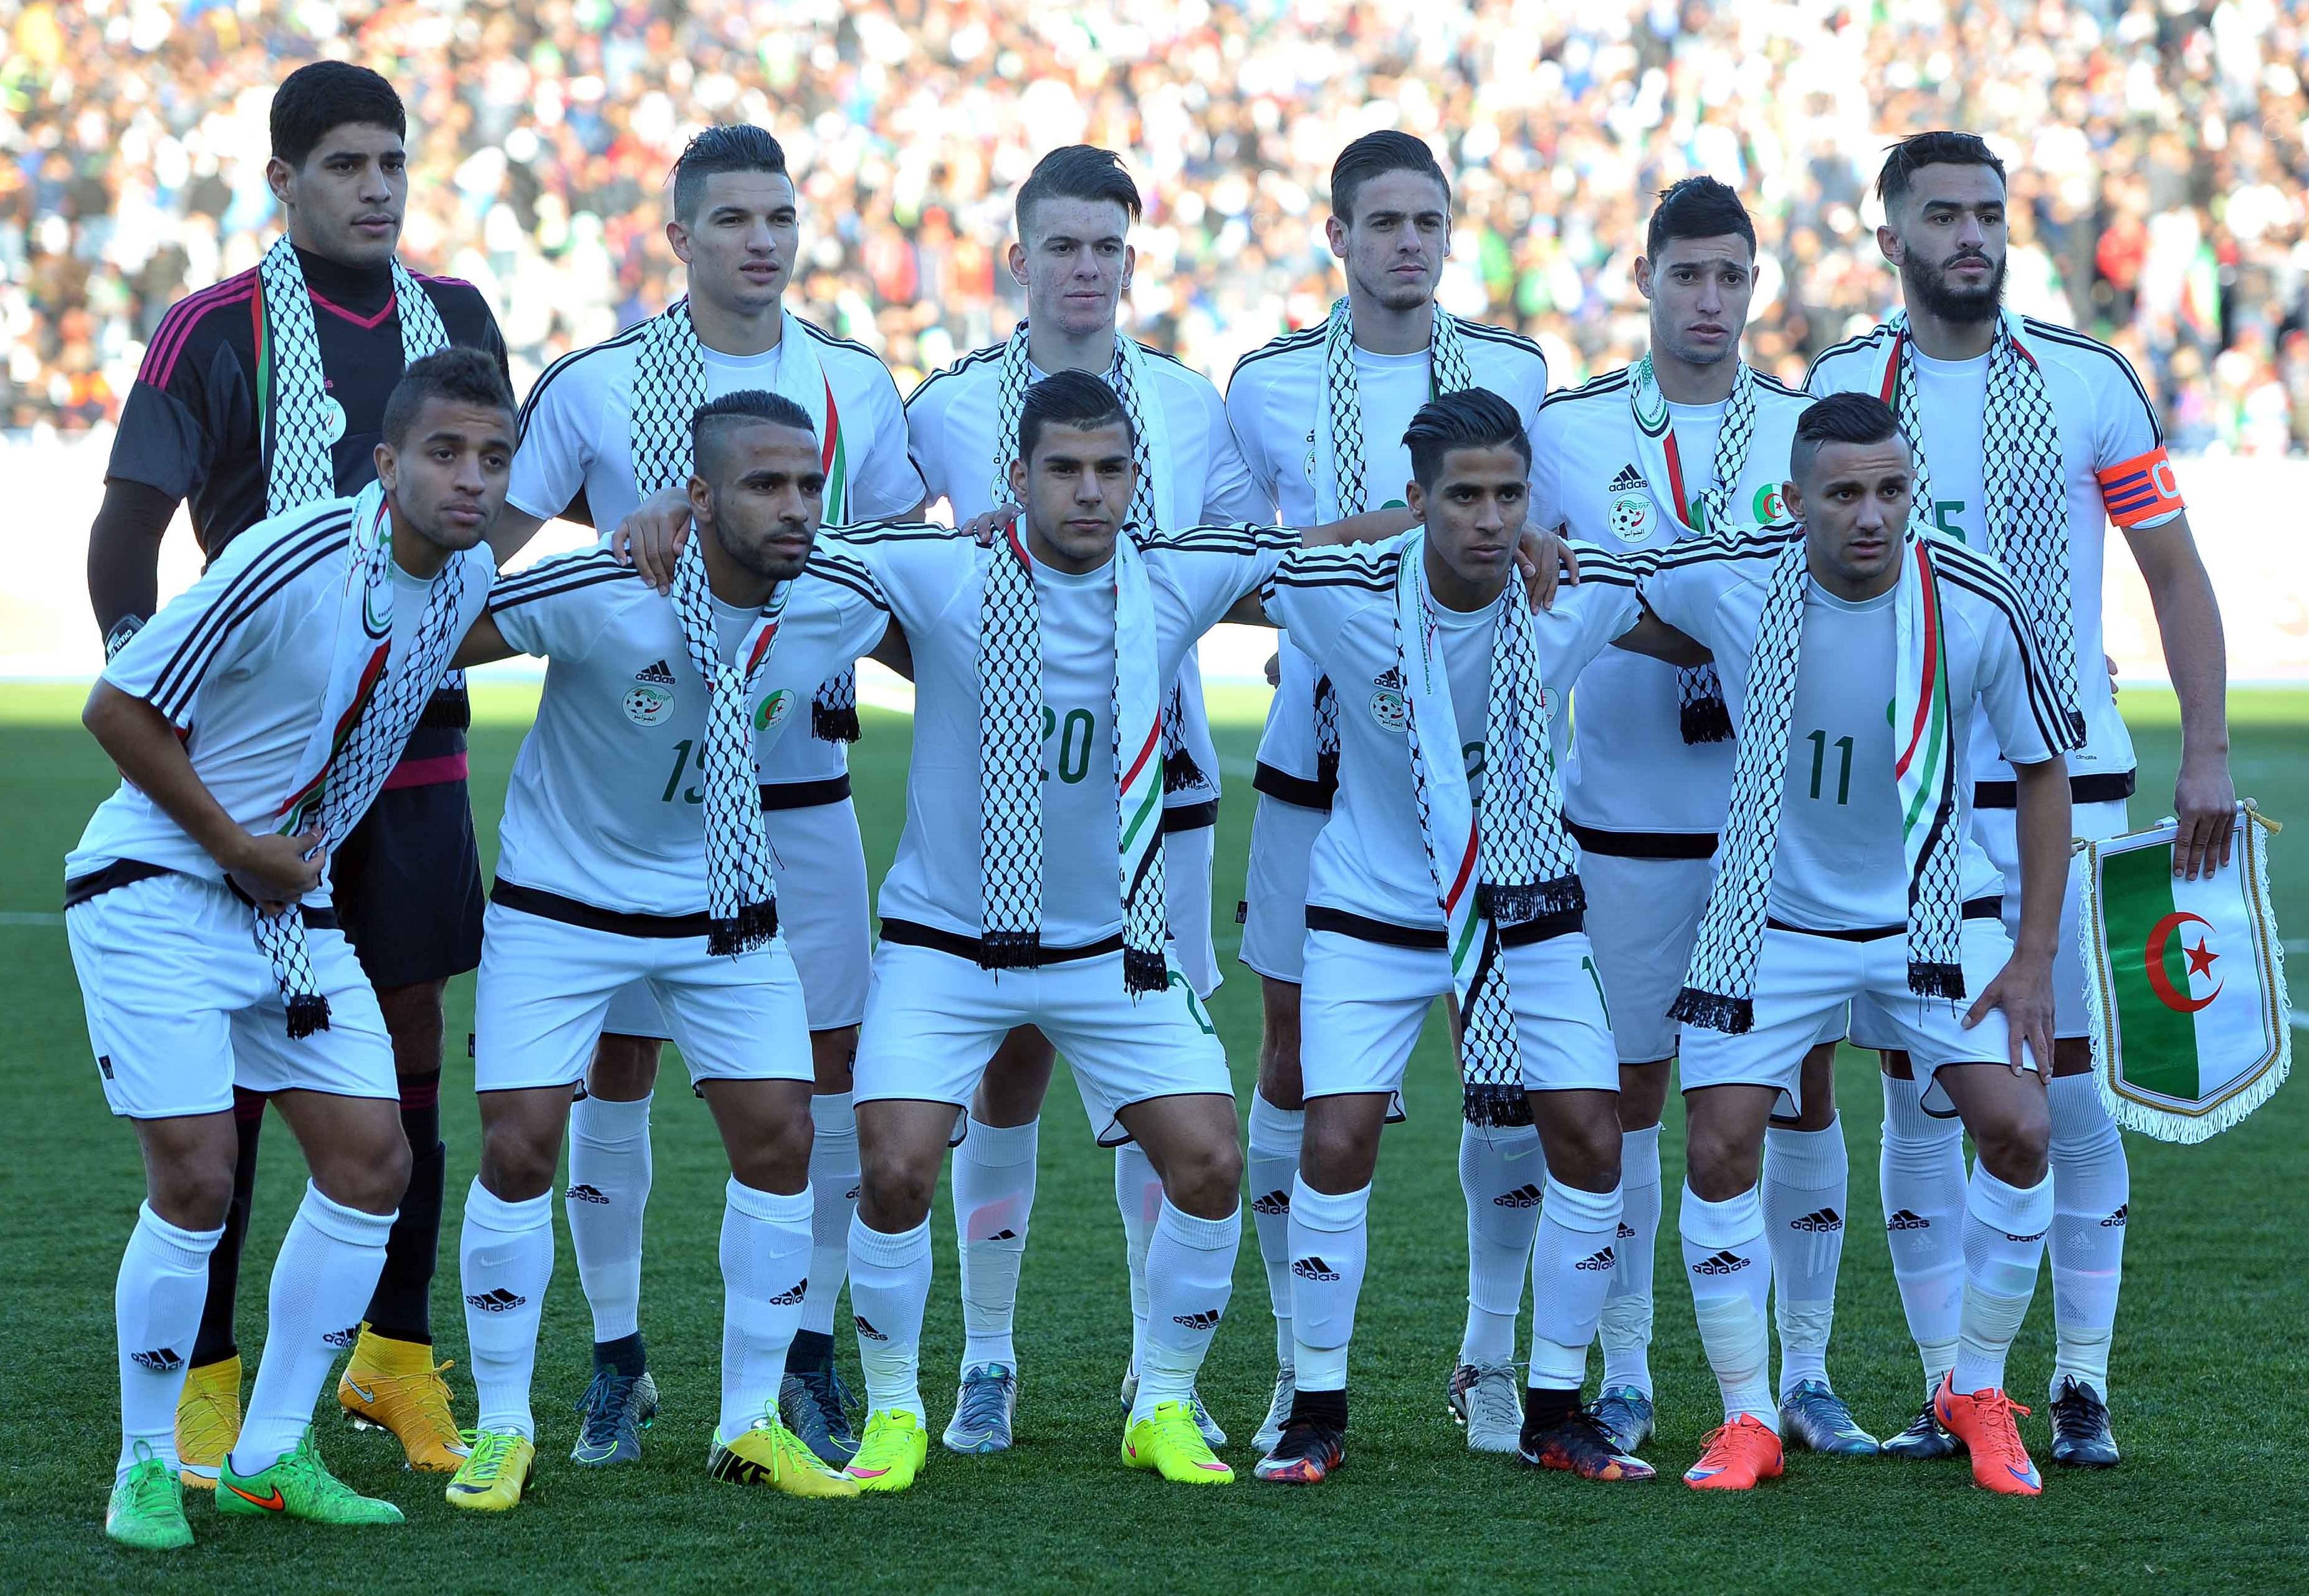 La sélection olympique algérienne de football. New Press